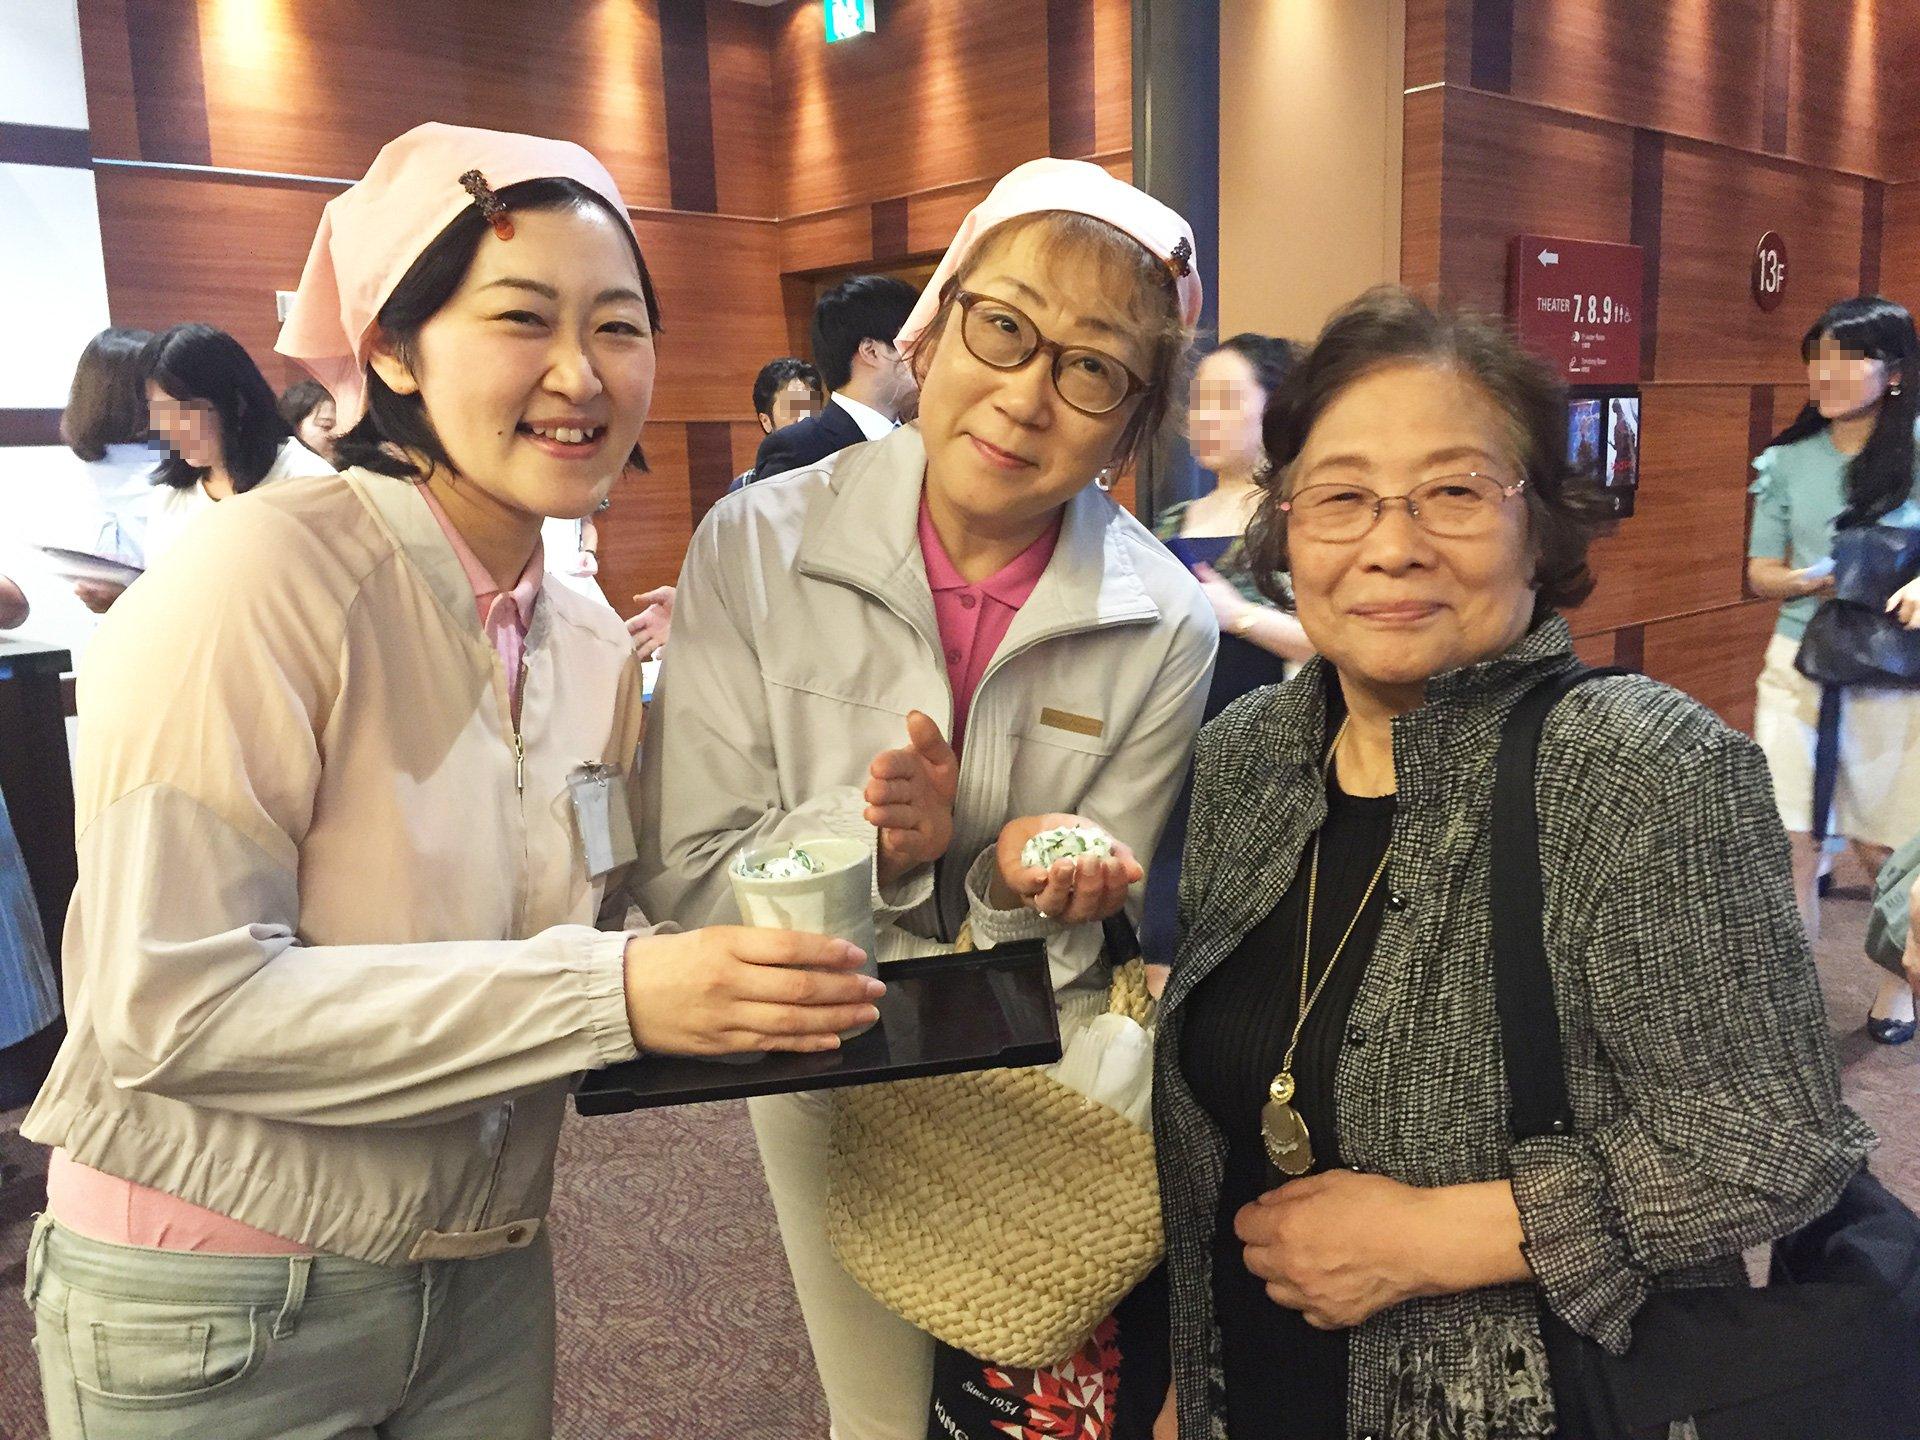 『シン・ゴジラ』女性限定鑑賞会議レポート